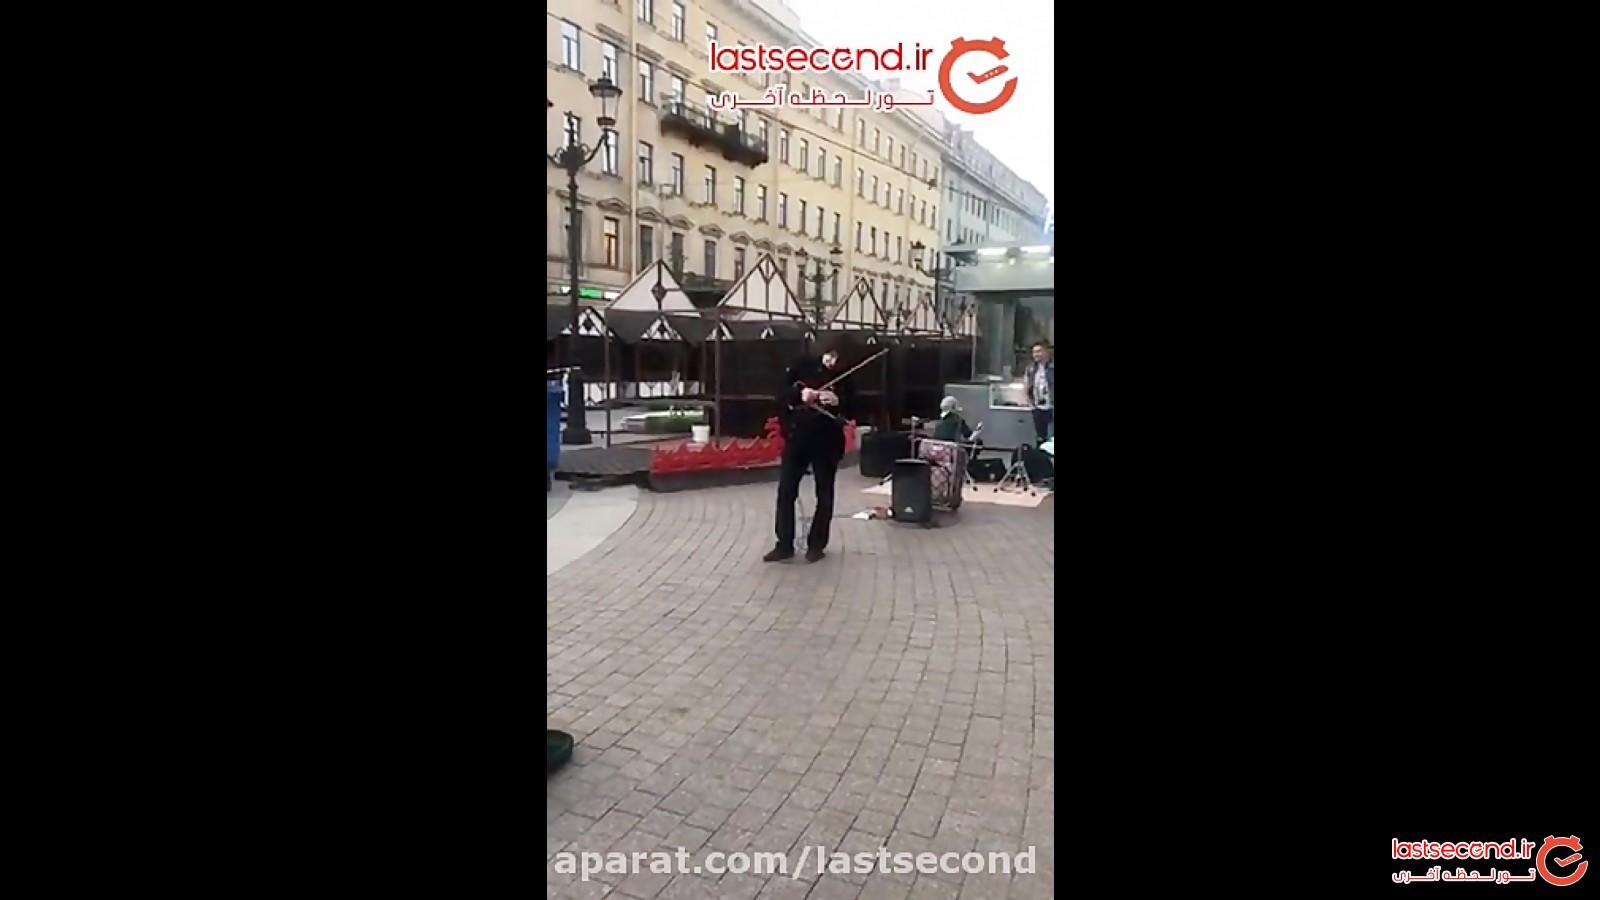 اجرای نوازنده خیابانی فوق العاده در سن پترزبورگ